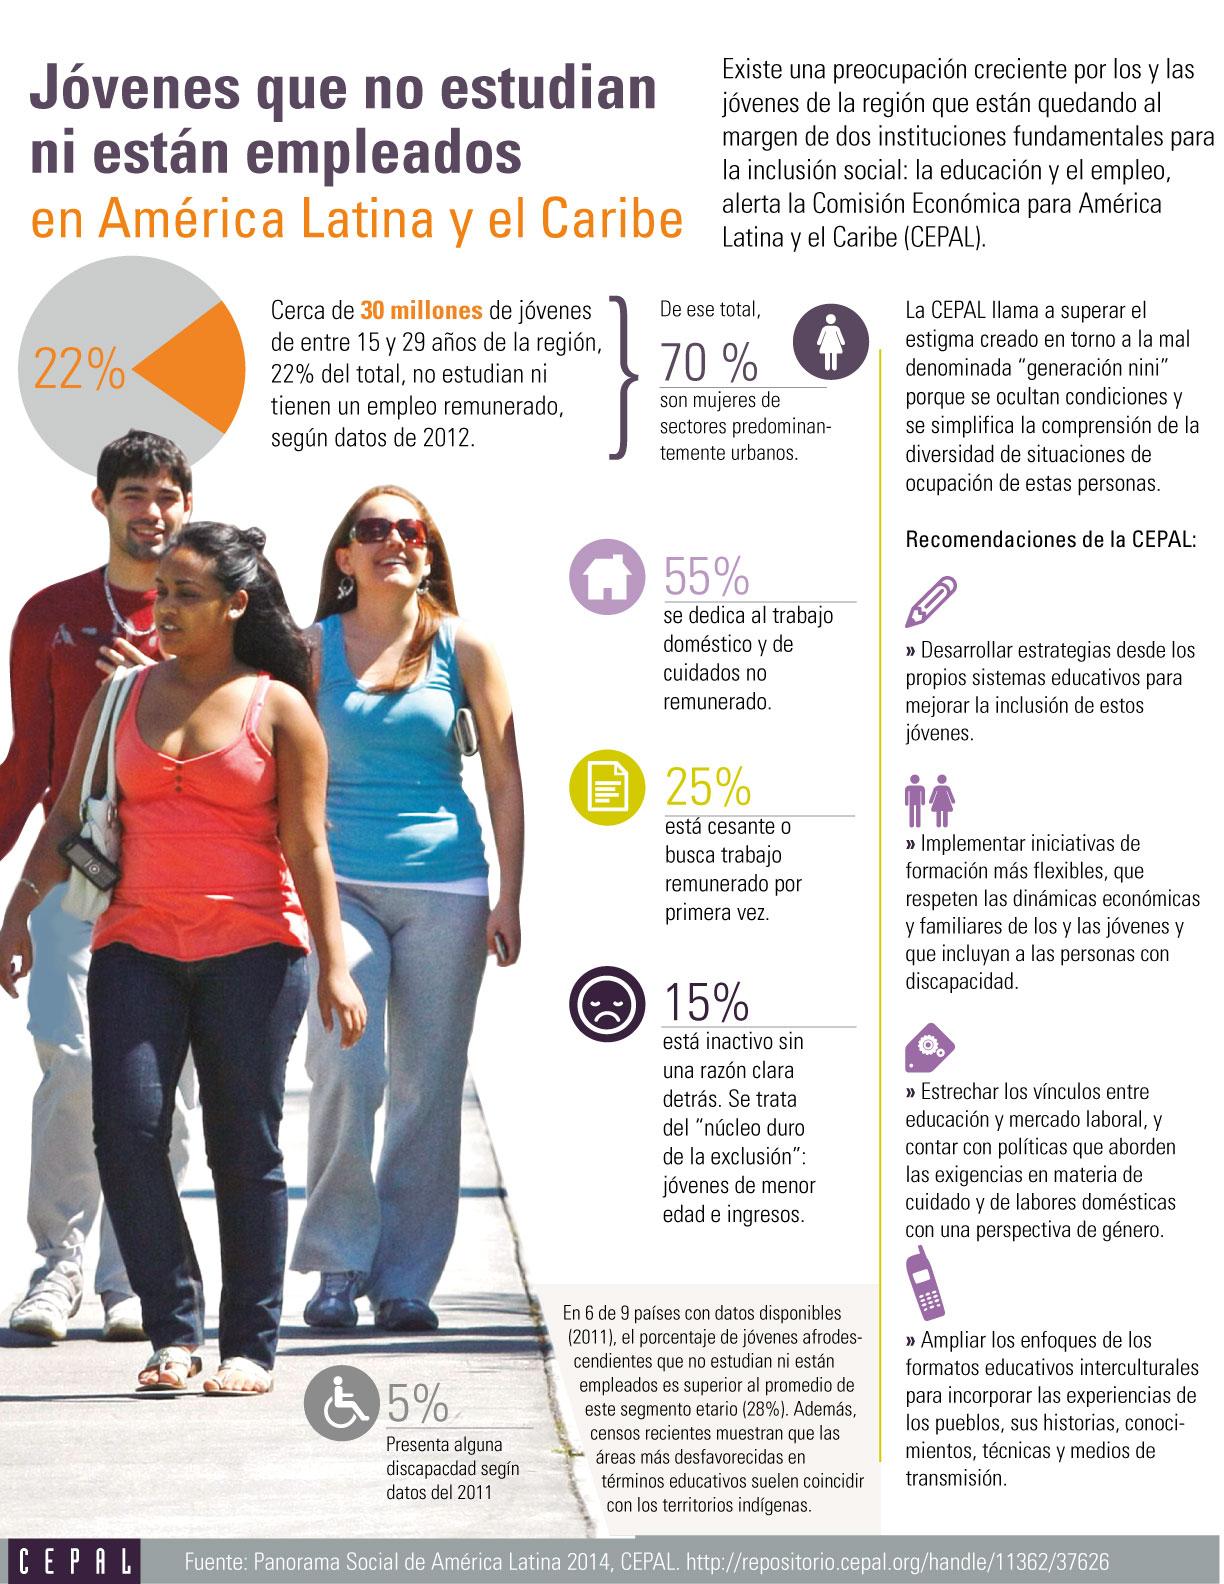 infografia_sobre_desempleo_entre_jovenes